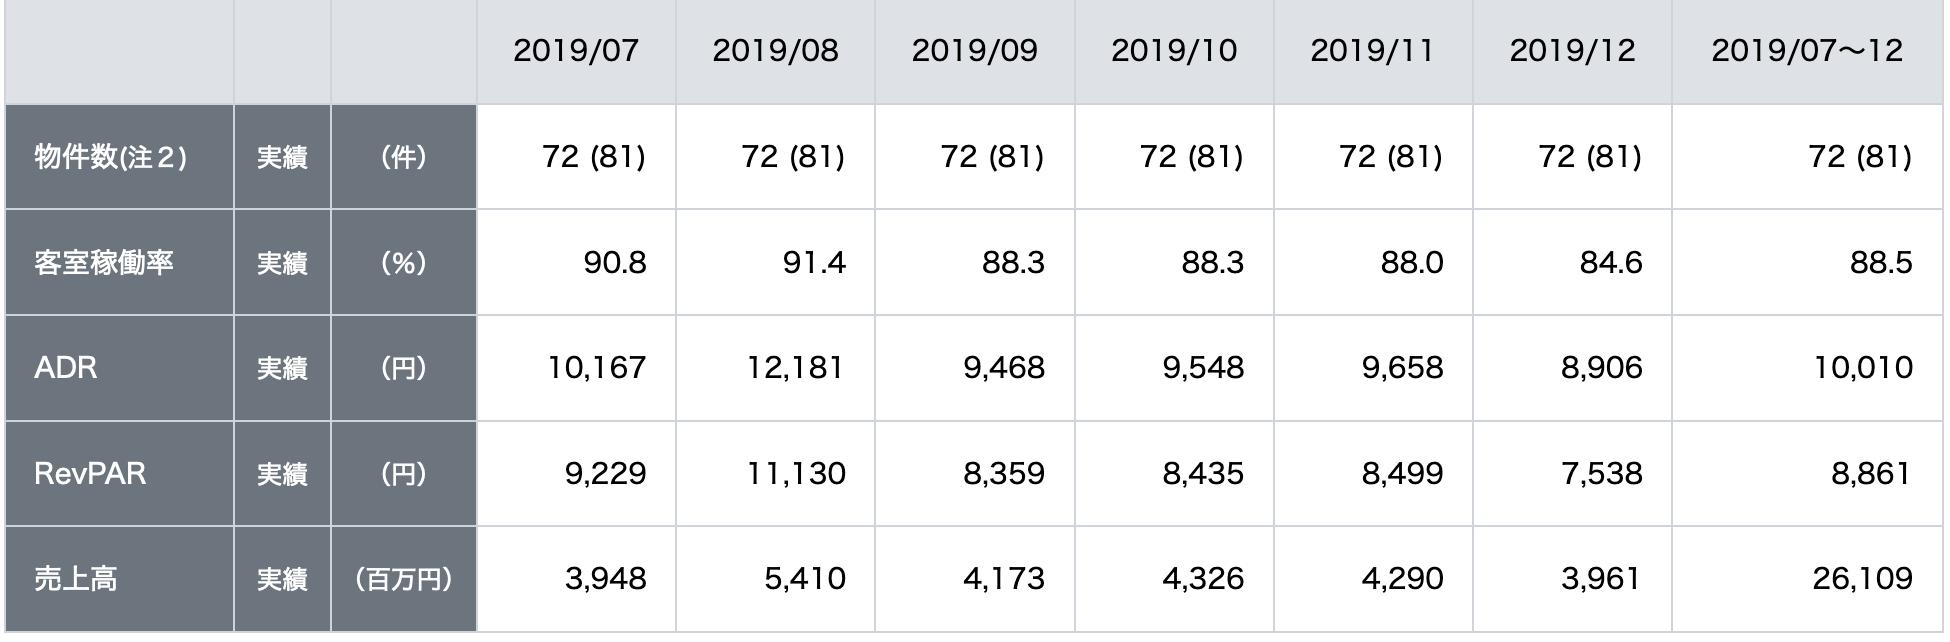 インヴィンシブルの稼働率、ADR、RevPER、売上